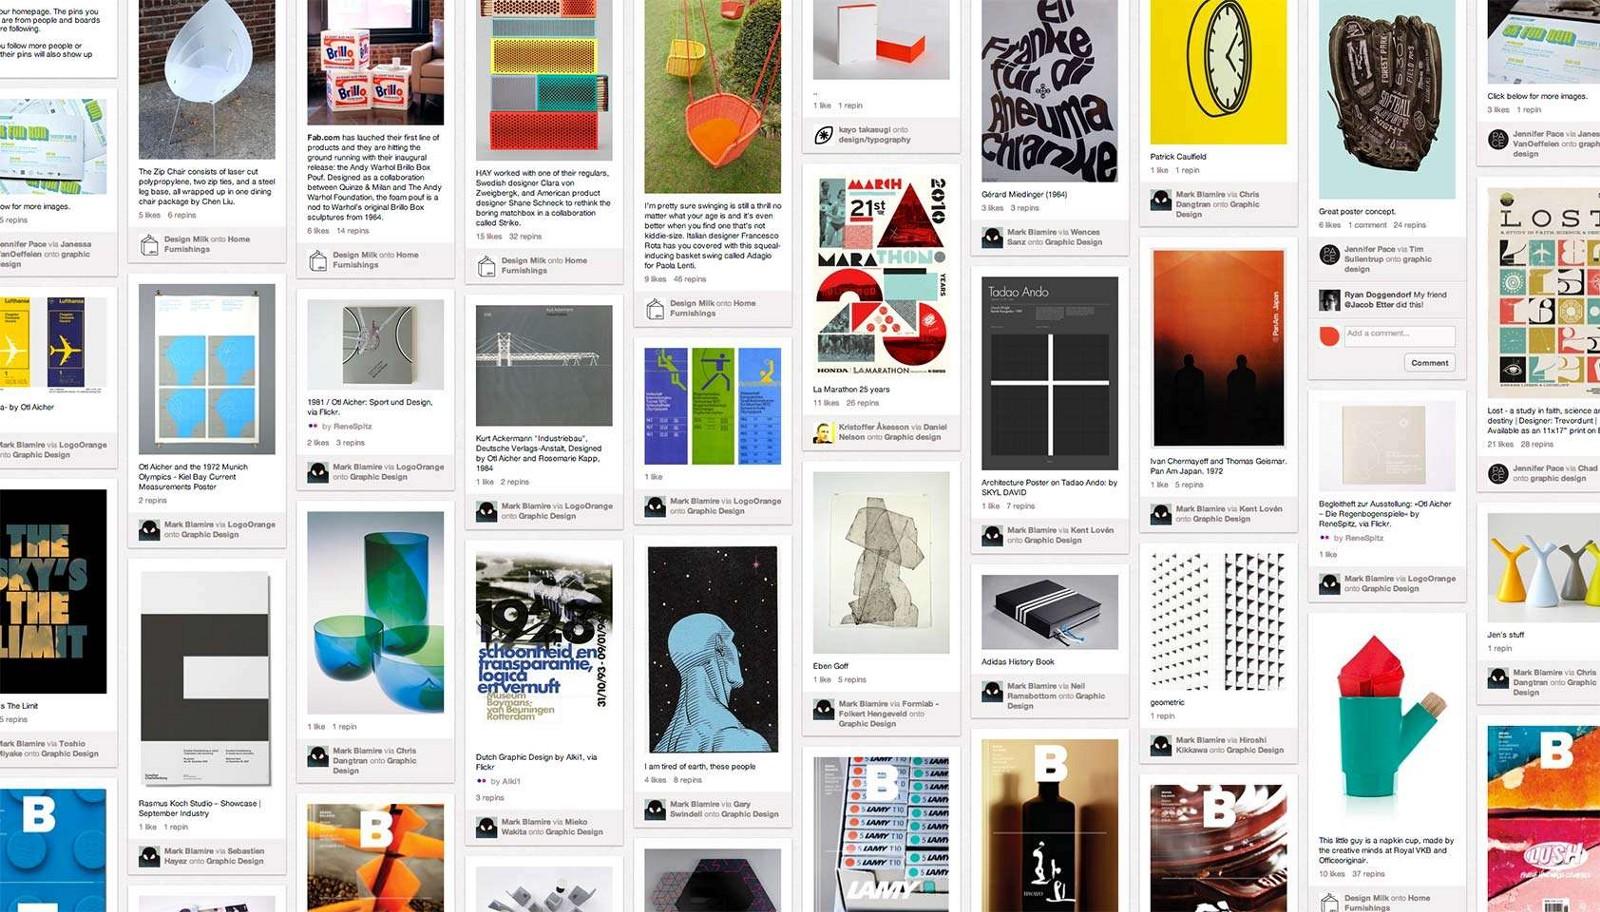 Pinterest user interface for desktop.